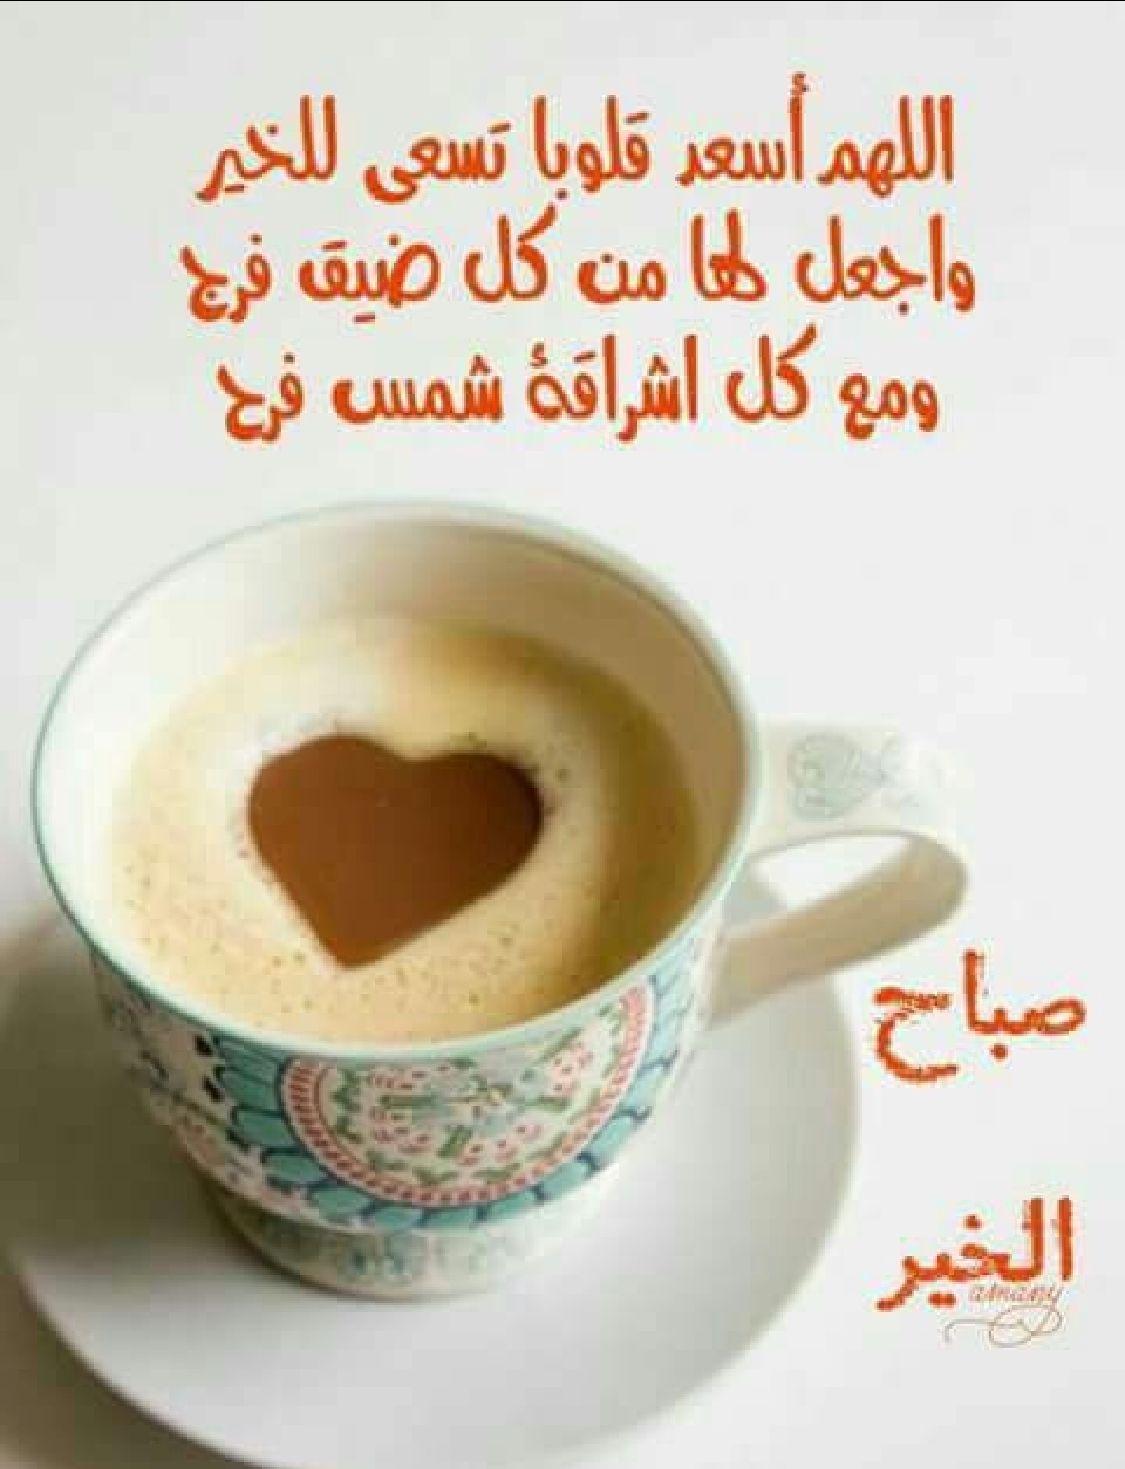 صباح المحبة Good Morning Gif Good Morning Images Good Morning